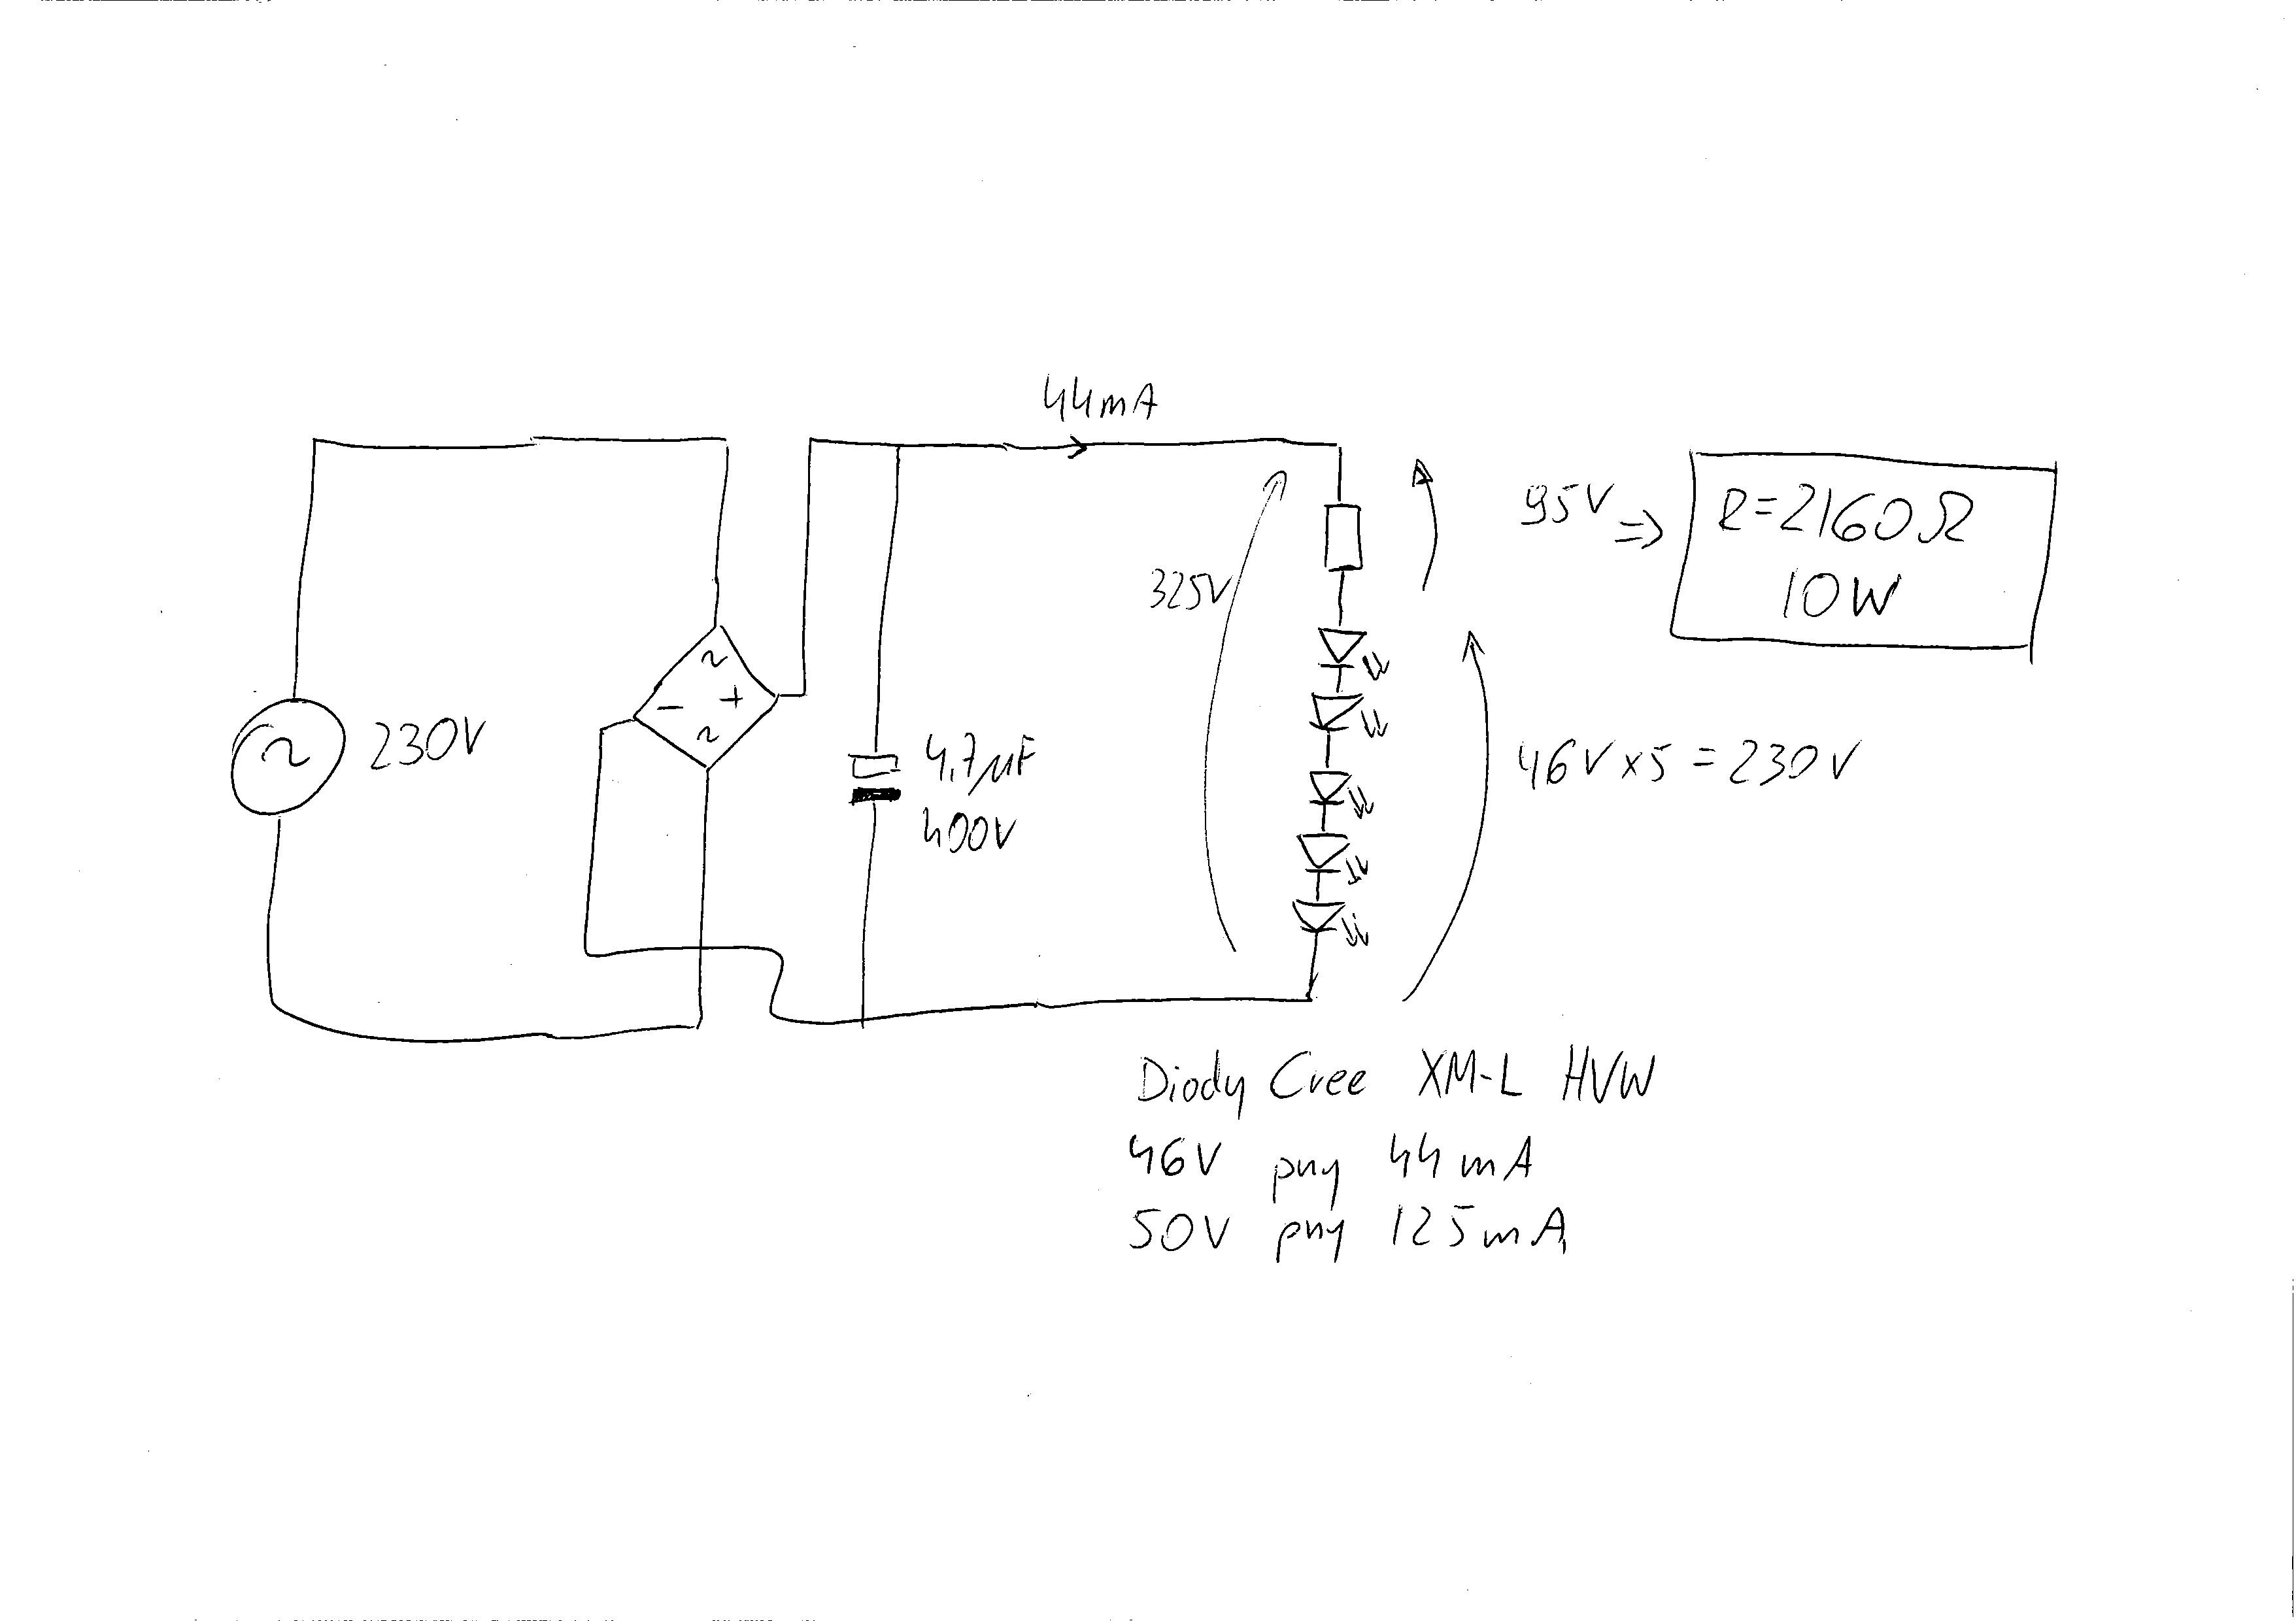 Pod��czenie diod Cree XM-L HVW